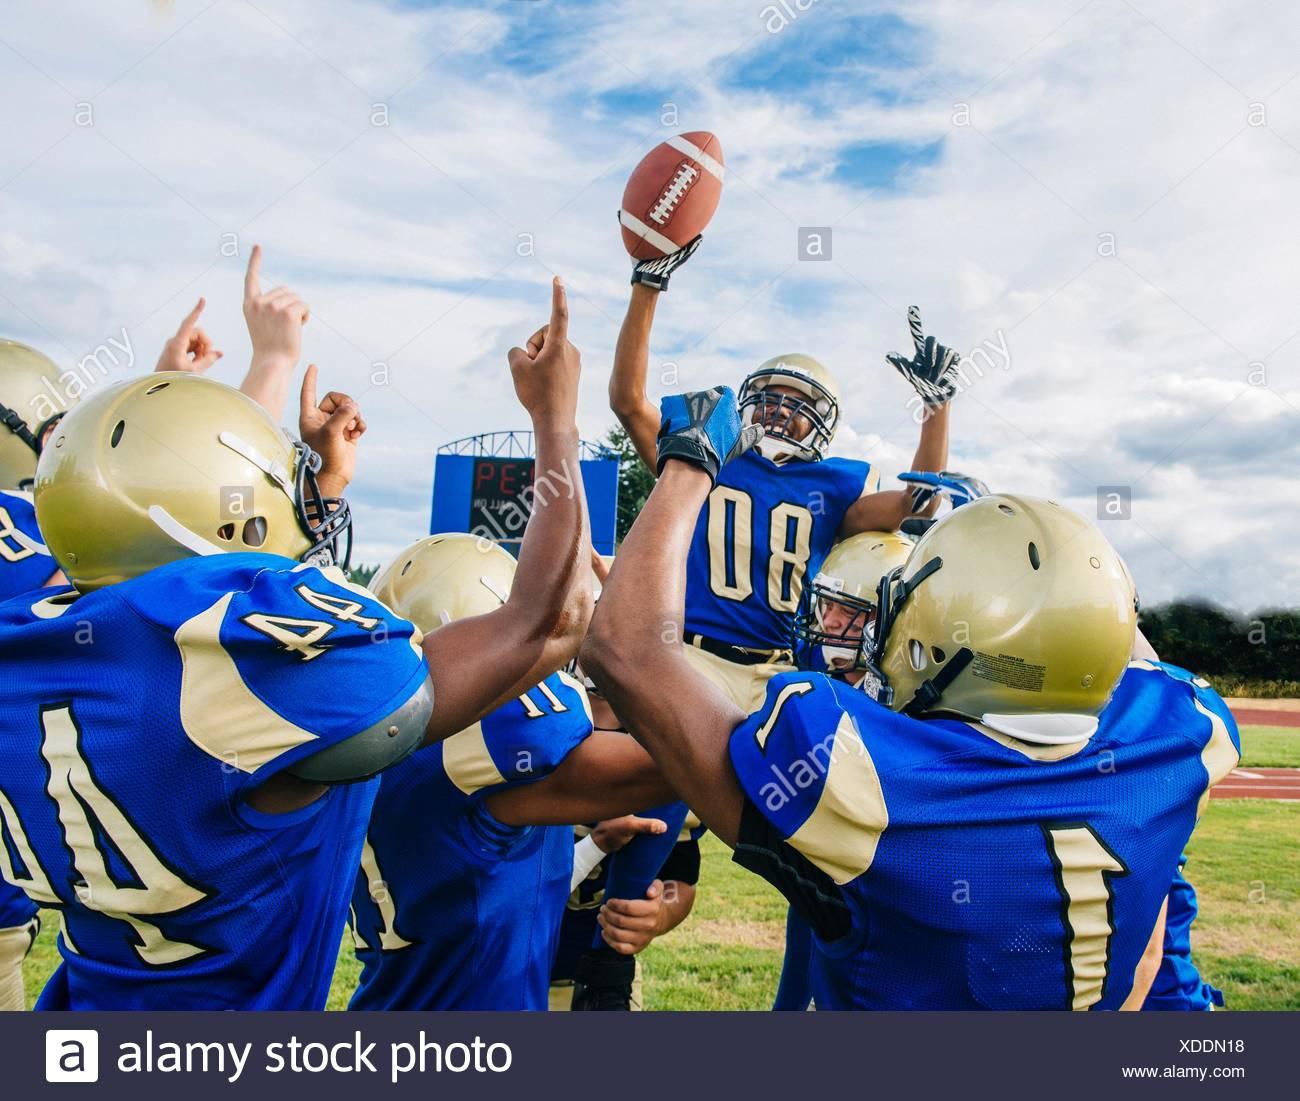 Adolescentes y jóvenes varones celebrando la victoria del equipo de fútbol americano en fútbol Imagen De Stock